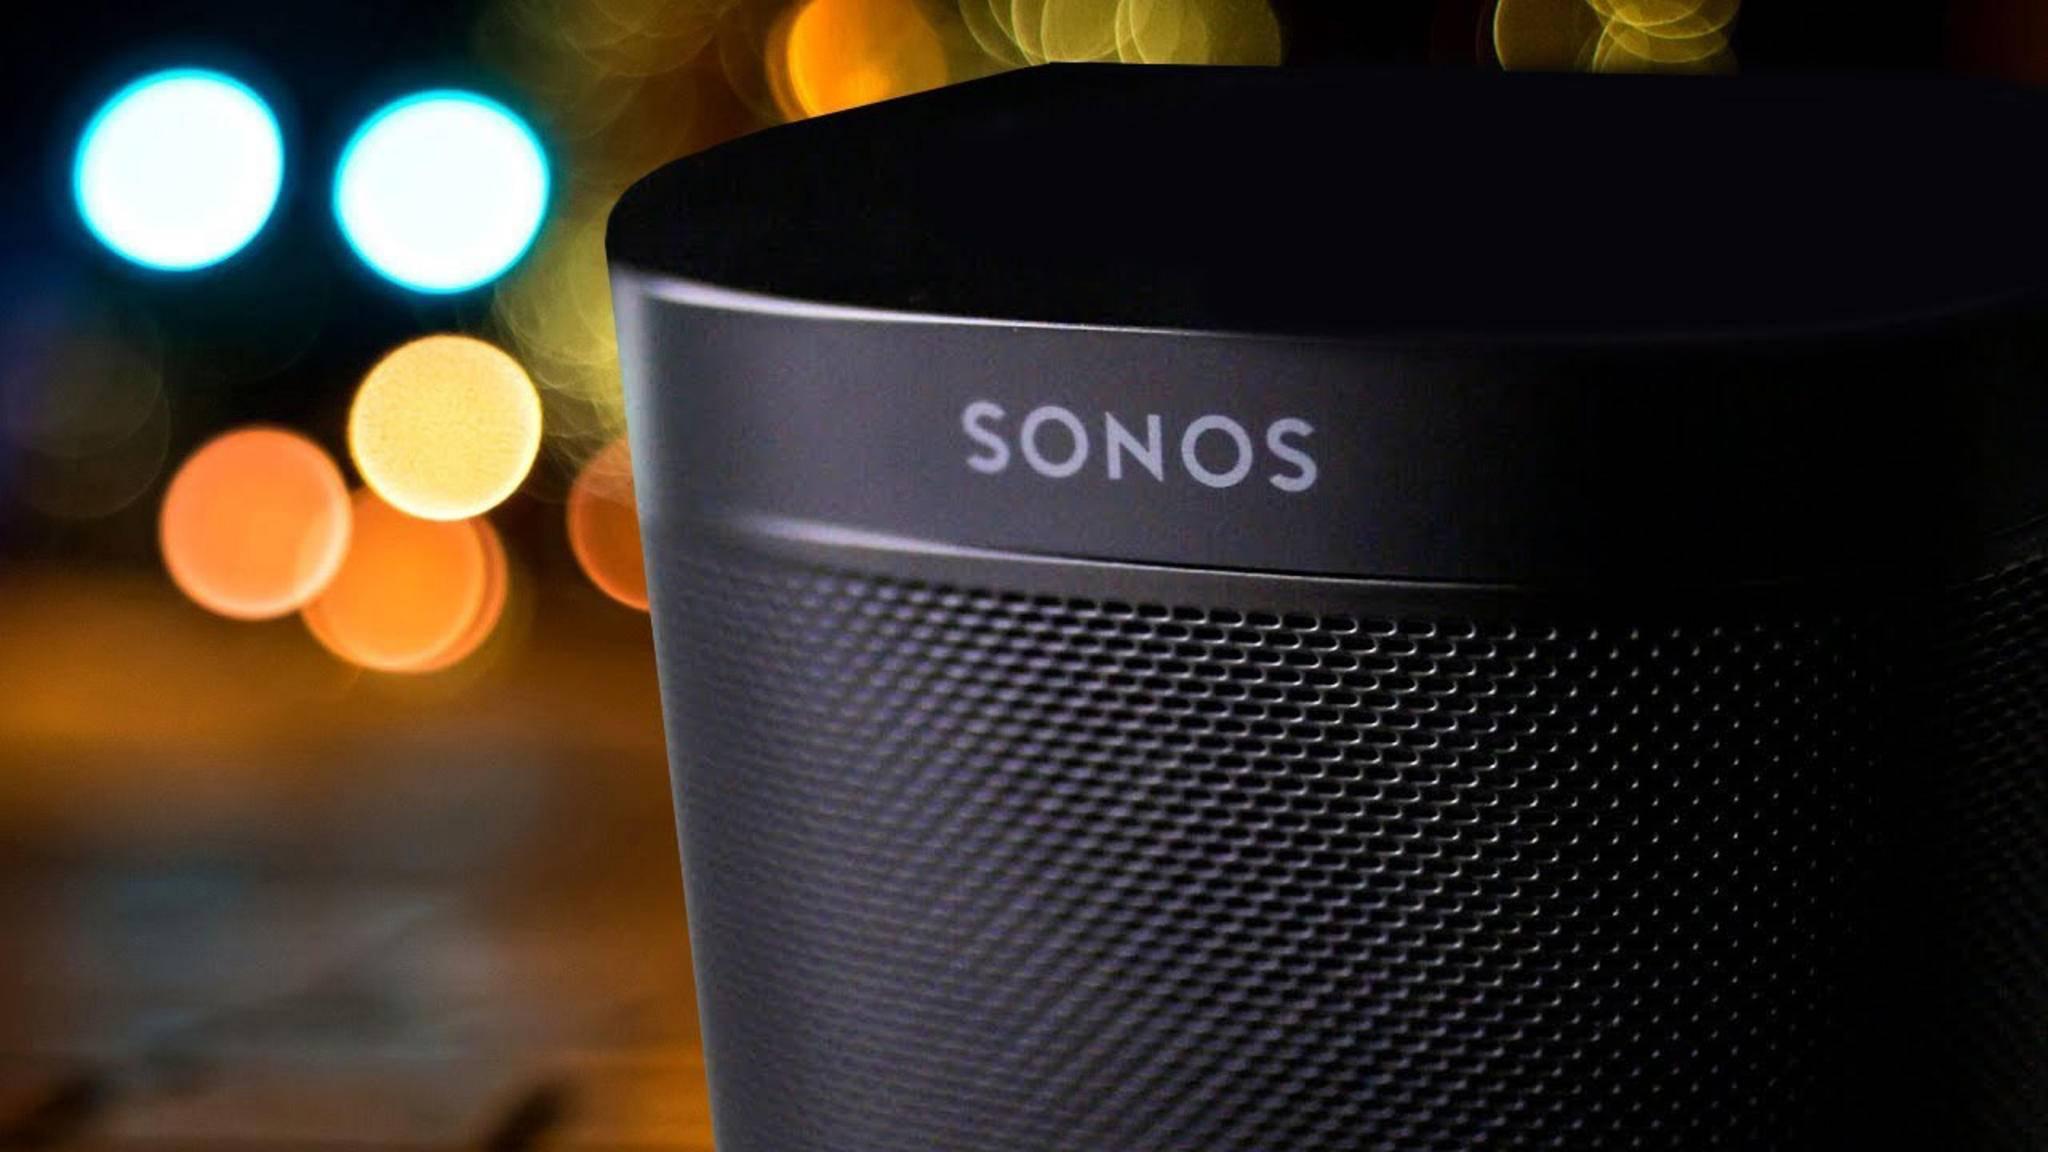 Sonos plant die Integrierung eines Sprachassistenten, der unabhängig von einer Cloud arbeitet.